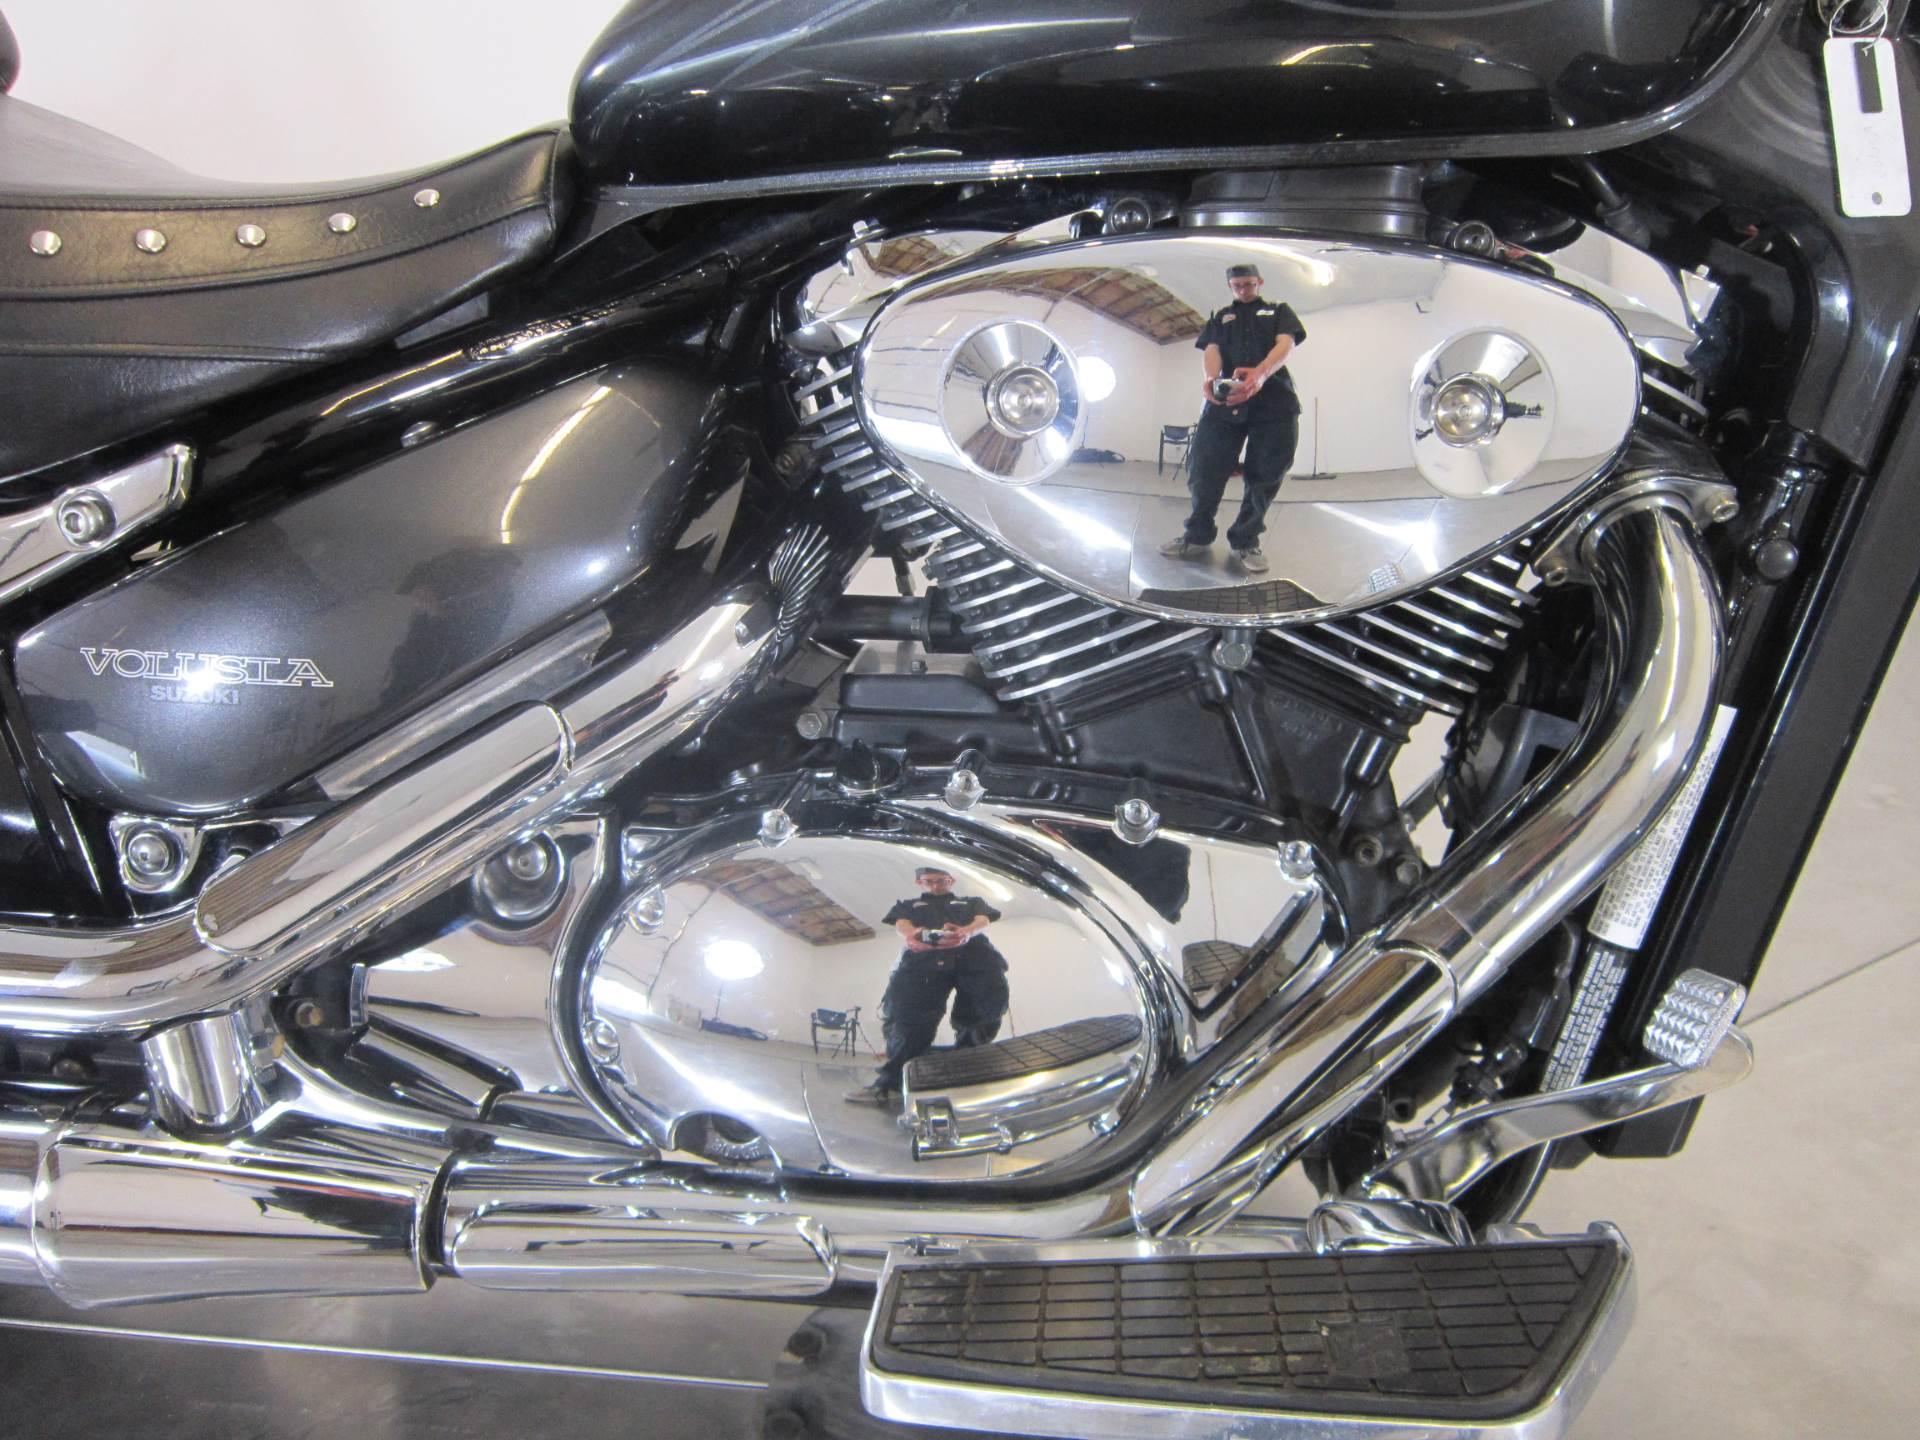 2004 Suzuki Intruder Volusia 800 in Greenwood Village, Colorado